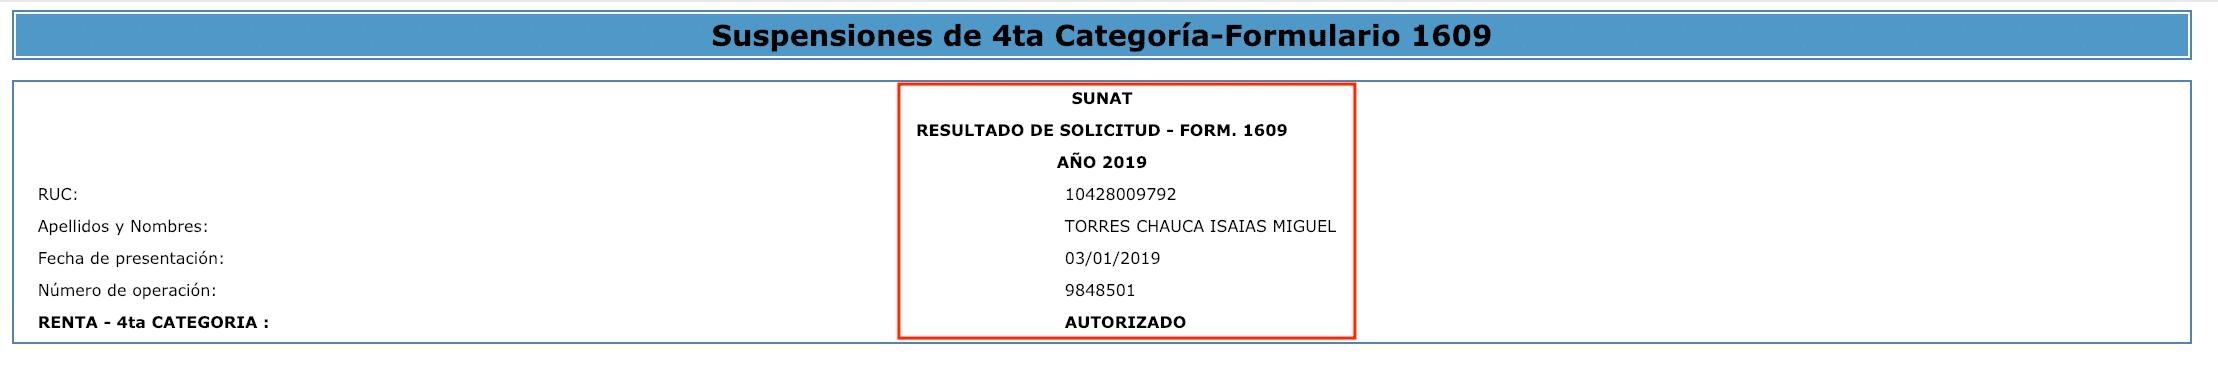 suspension de cuarta categoria aprobado 2019